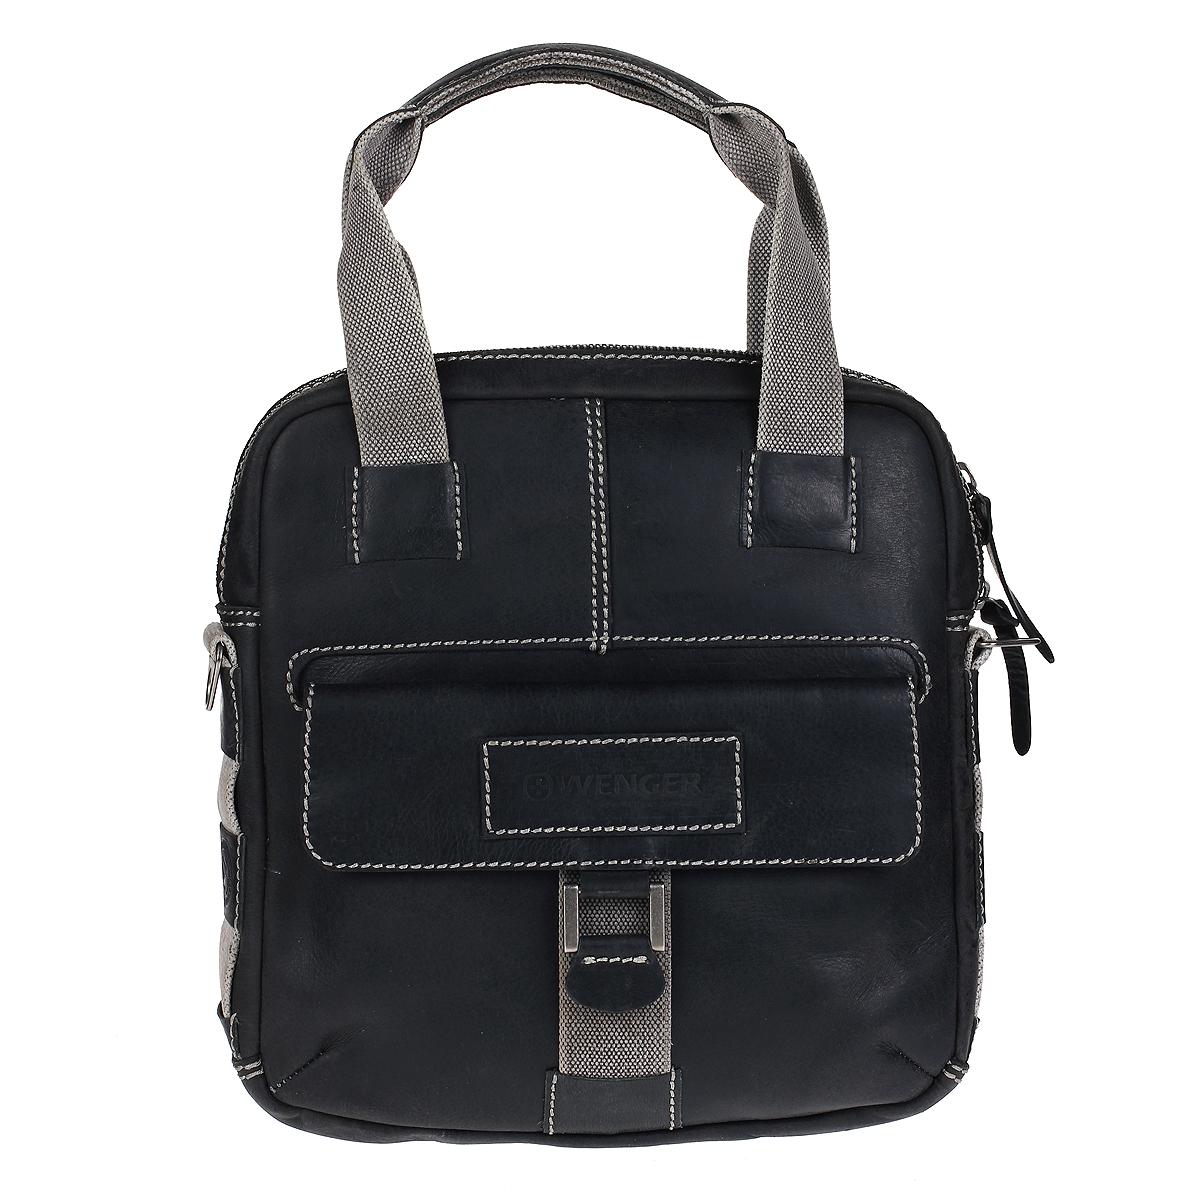 """Сумка мужская Wengler Arizona, цвет: серый. W23-04BlW23-04BlСтильная, вместительная сумка Wenger """"Arizona"""" выполнена из коровьей кожи с потертостями, что делает ее уникальной. Сумка оформлена контрастной отстрочкой и отделкой из толстых текстильных ремней. Вертикальная сумка имеет одно отделение на металлической молнии с двумя бегунками. Внутри - вшитый карман на молнии, шесть отделений для карточек и визиток, два кармана для пишущих инструментов, карман для мобильного телефона и отделение для планшетного компьютера. На лицевой стороне расположен карман, закрывающийся клапаном на магнитную кнопку. На задней стенке - вшитый карман на молнии. Сумка оснащена двумя ручками, а также текстильным плечевым ремнем регулируемой длины. Стильная, практичная сумка в стиле кэжуал для современного мужчины. Кожаные сумки Wenger - модные, функциональные, высококачественные сумки с уникальным дизайном. Характеристики: Материал: натуральная коровья кожа, текстиль, металл. Цвет: серый. Размер сумки: 33 см х..."""